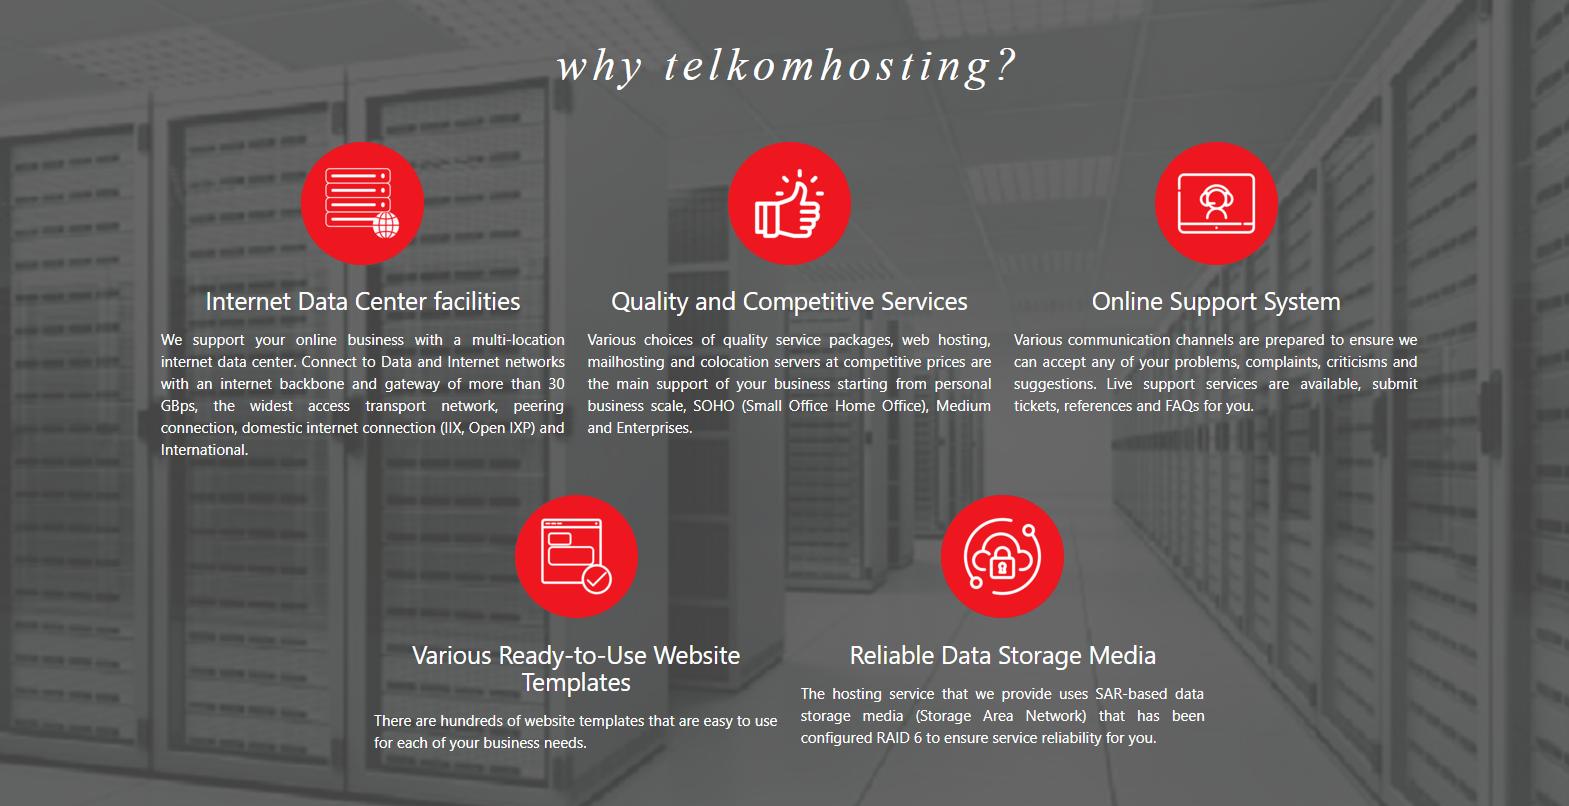 Telkomhosting